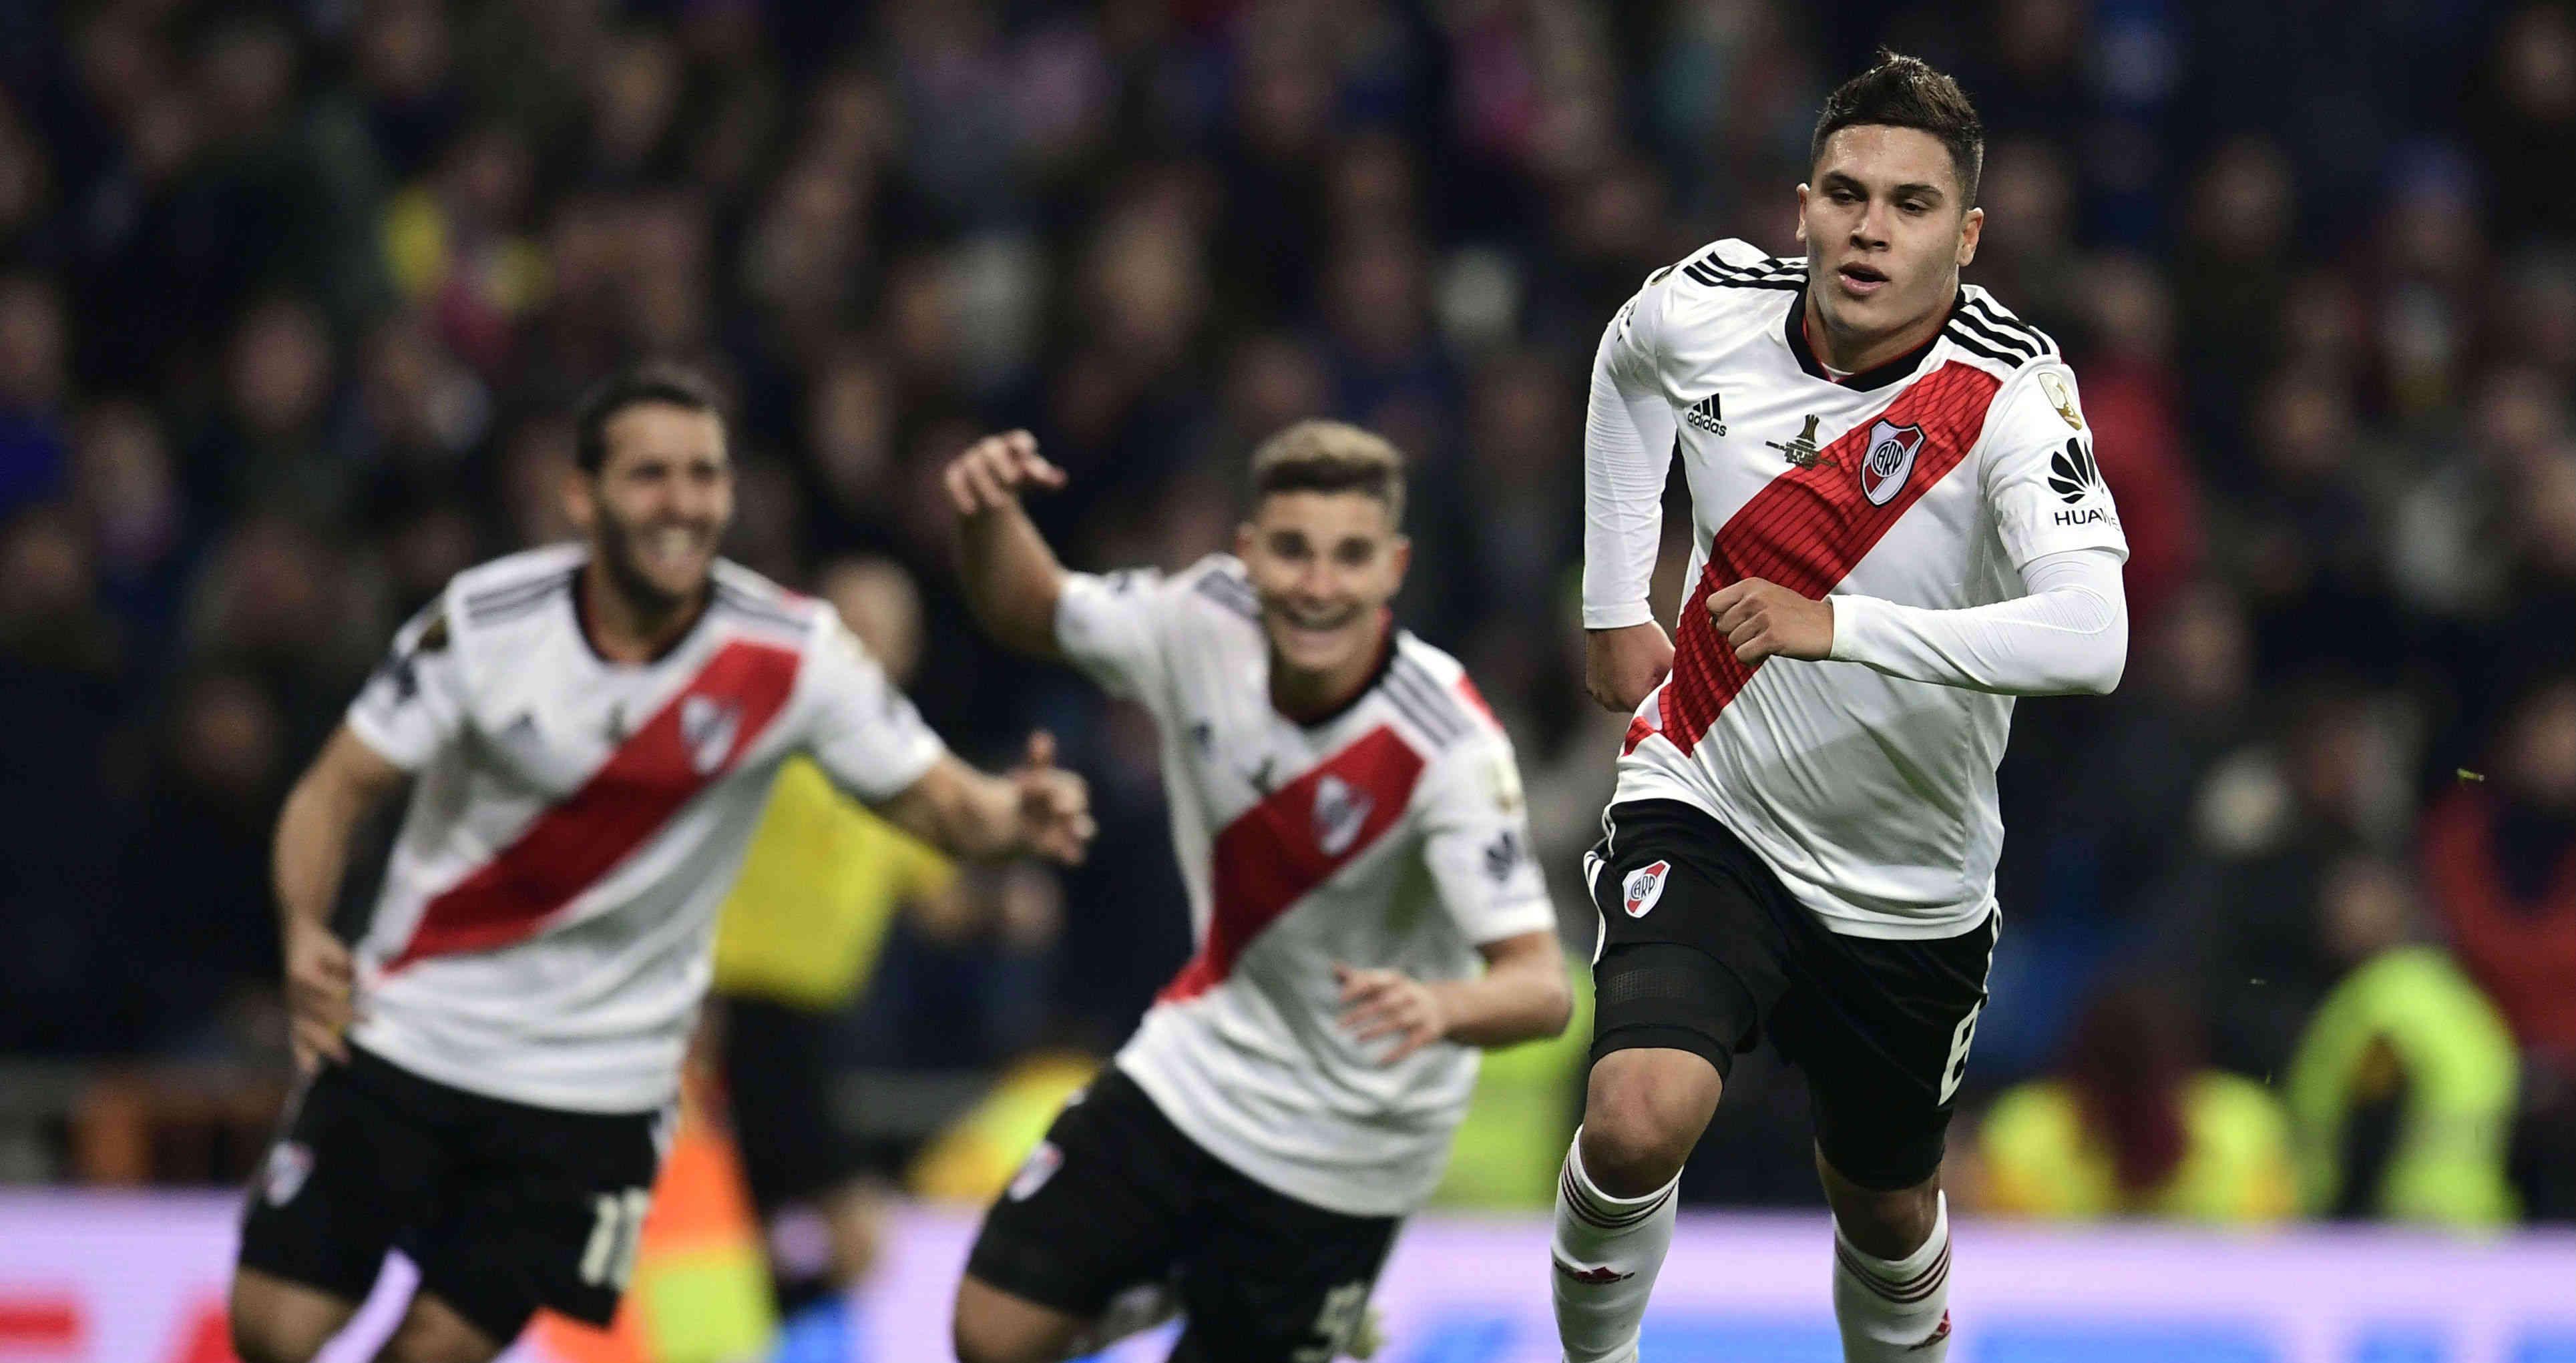 El Golazo del River para la historia en el Bernabeu en la Final de la Copa Libertadores. VIDEO